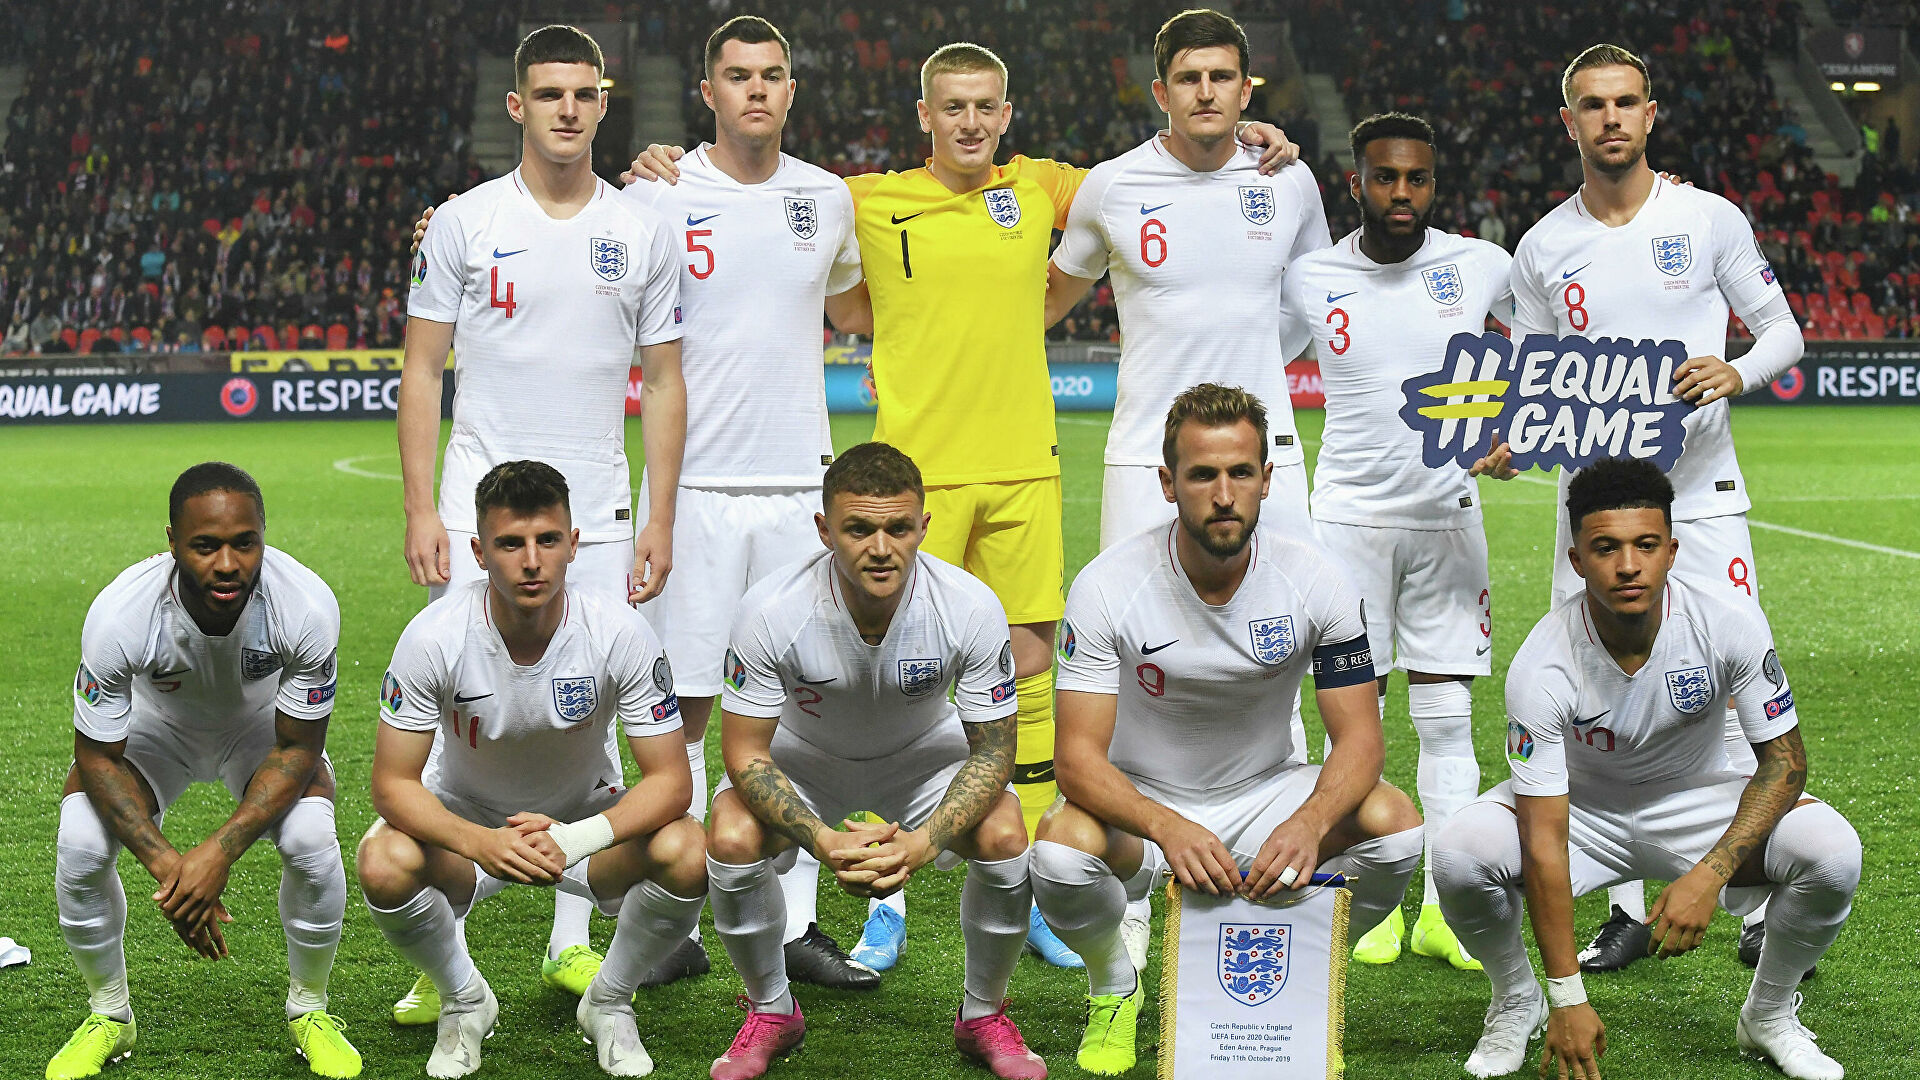 Сборная Англии будет представлена на Евро-2020 самым молодым составом в истории европейских первенств